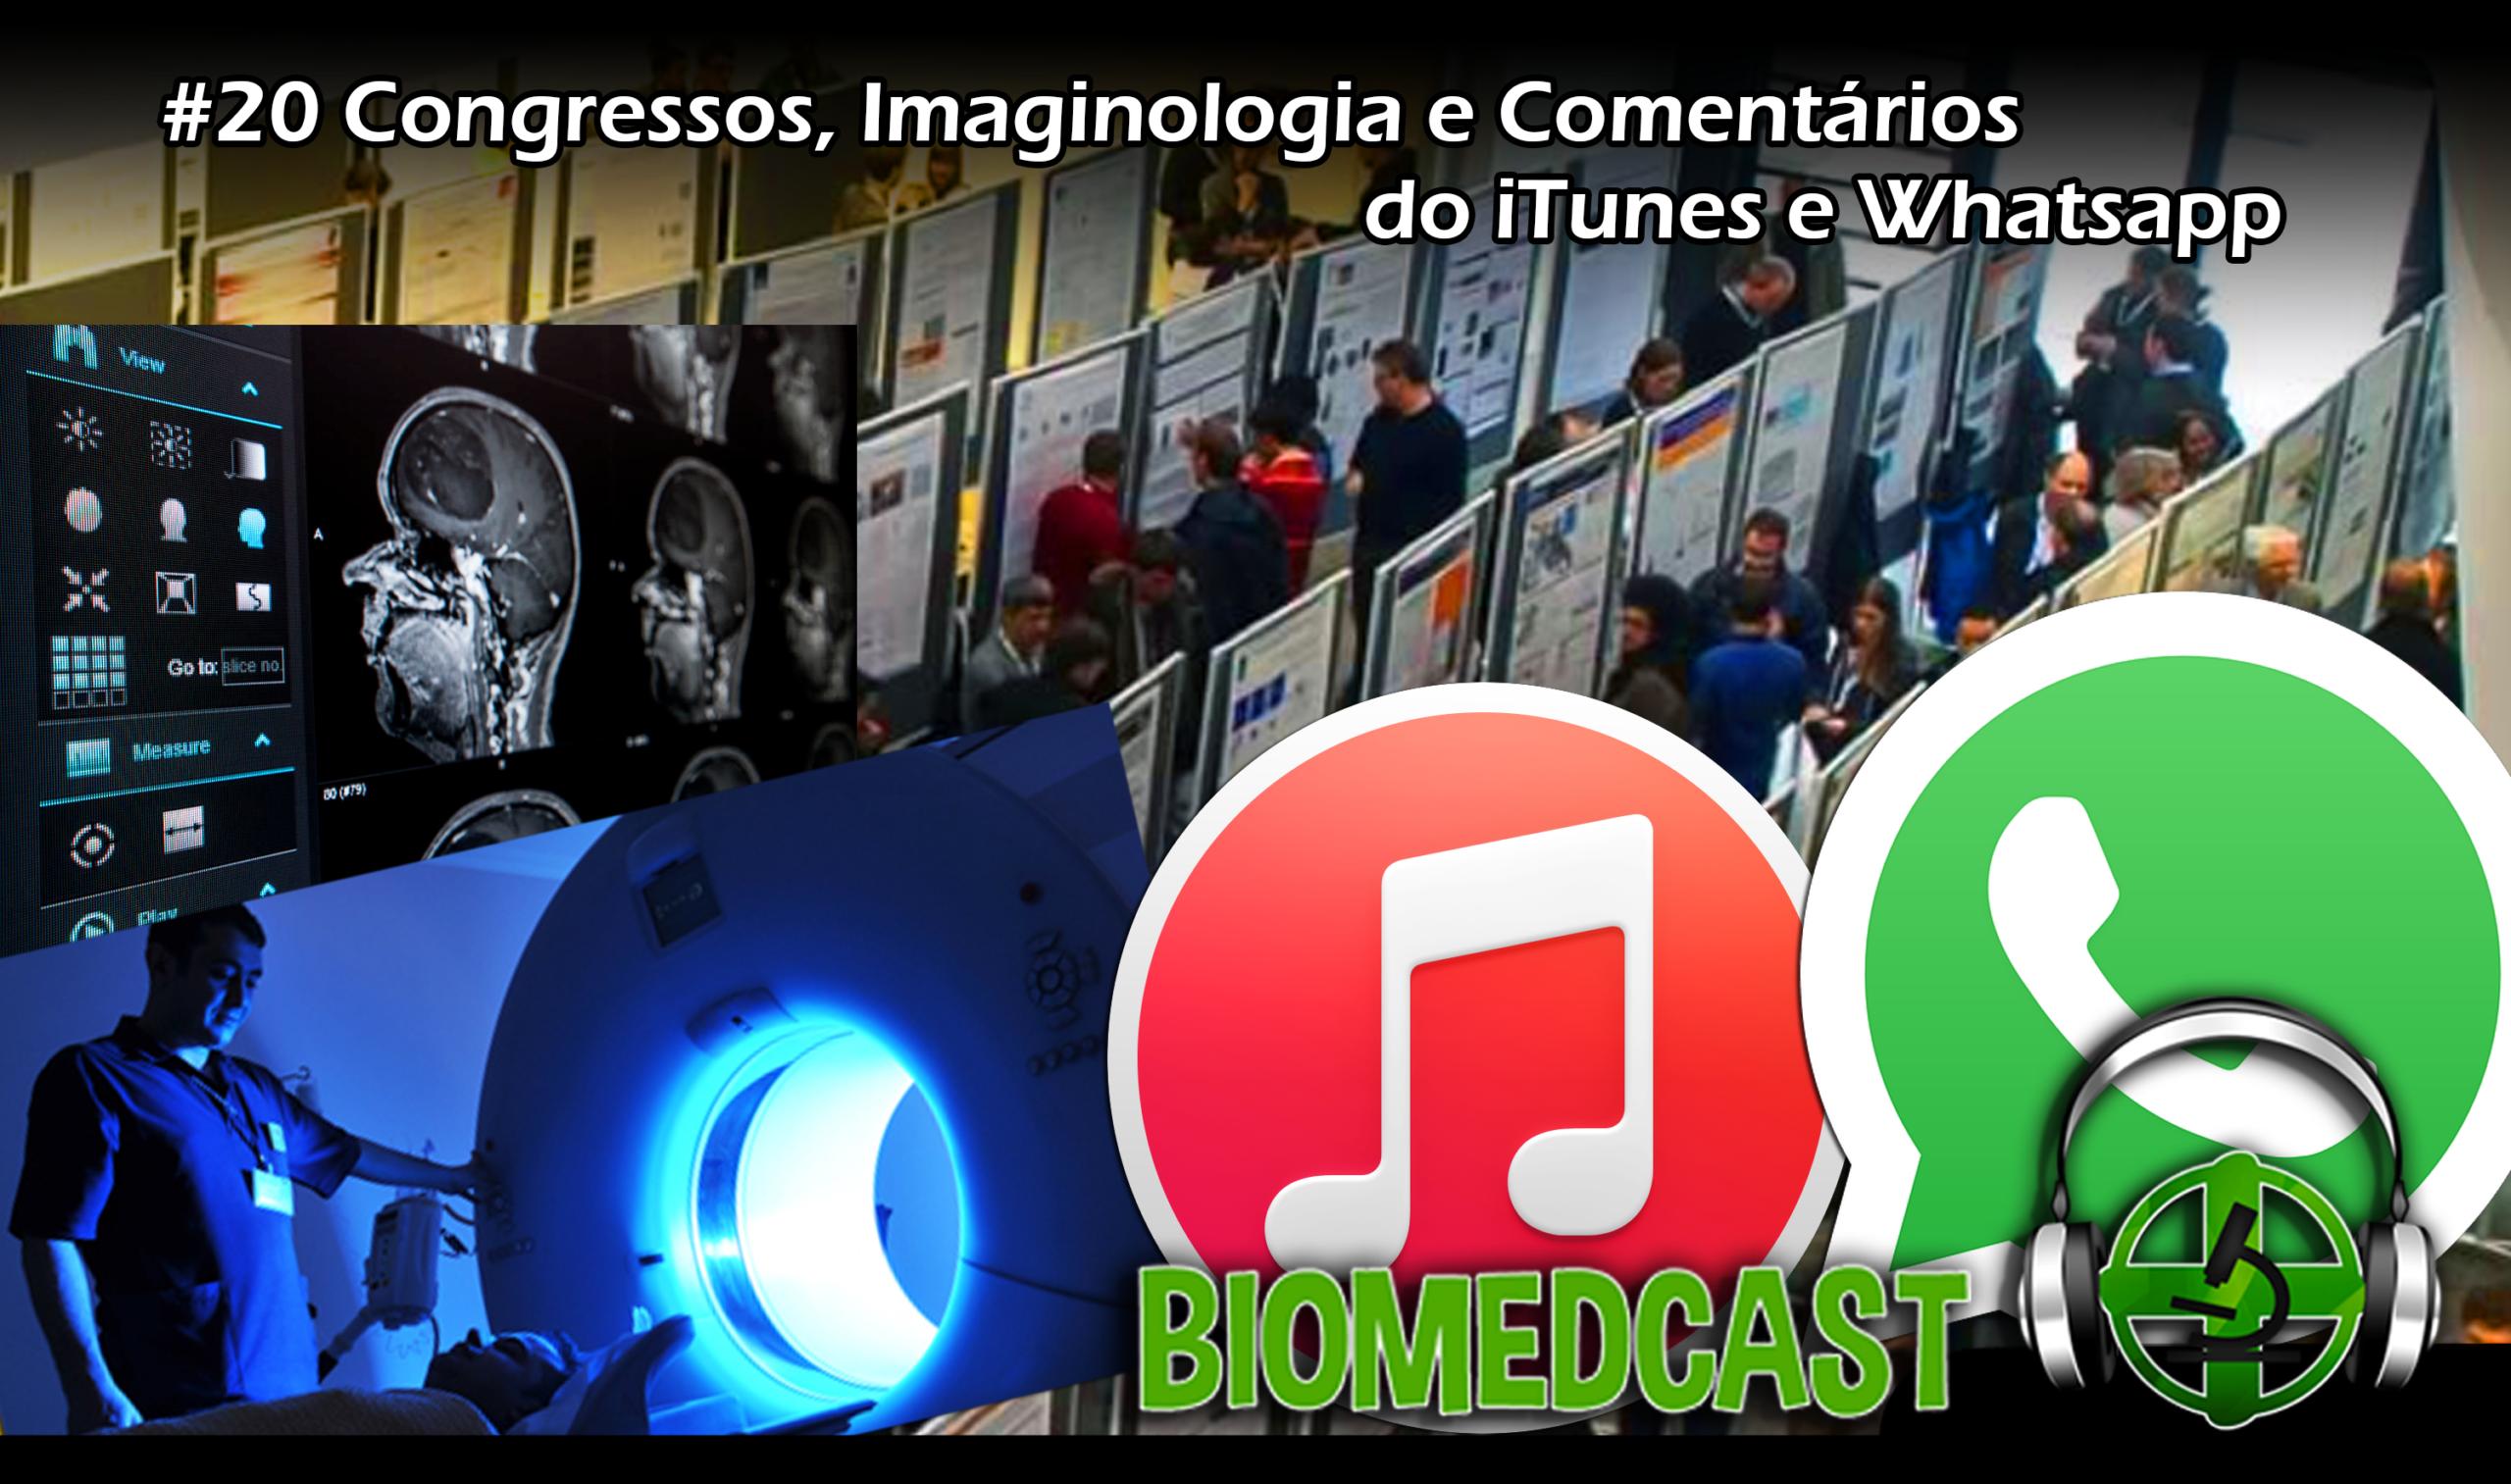 #20 Congressos, Imaginologia, e Comentários no iTunes e Whatsapp